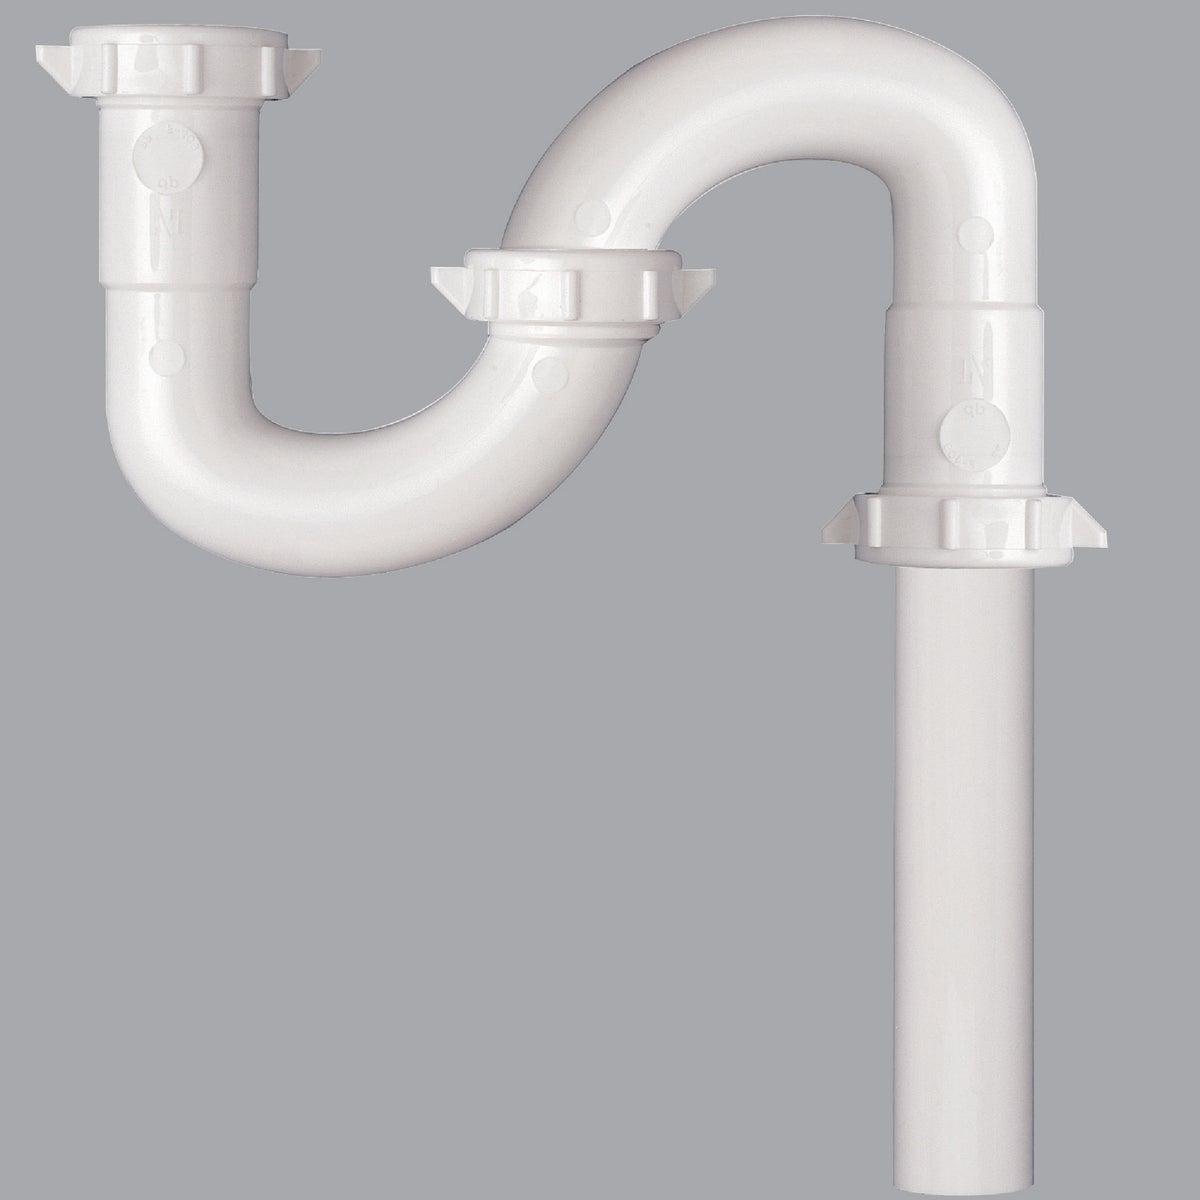 Plumb Pak/Keeney Mfg. 1-1/2 WHT PLASTIC S-TRAP 494917